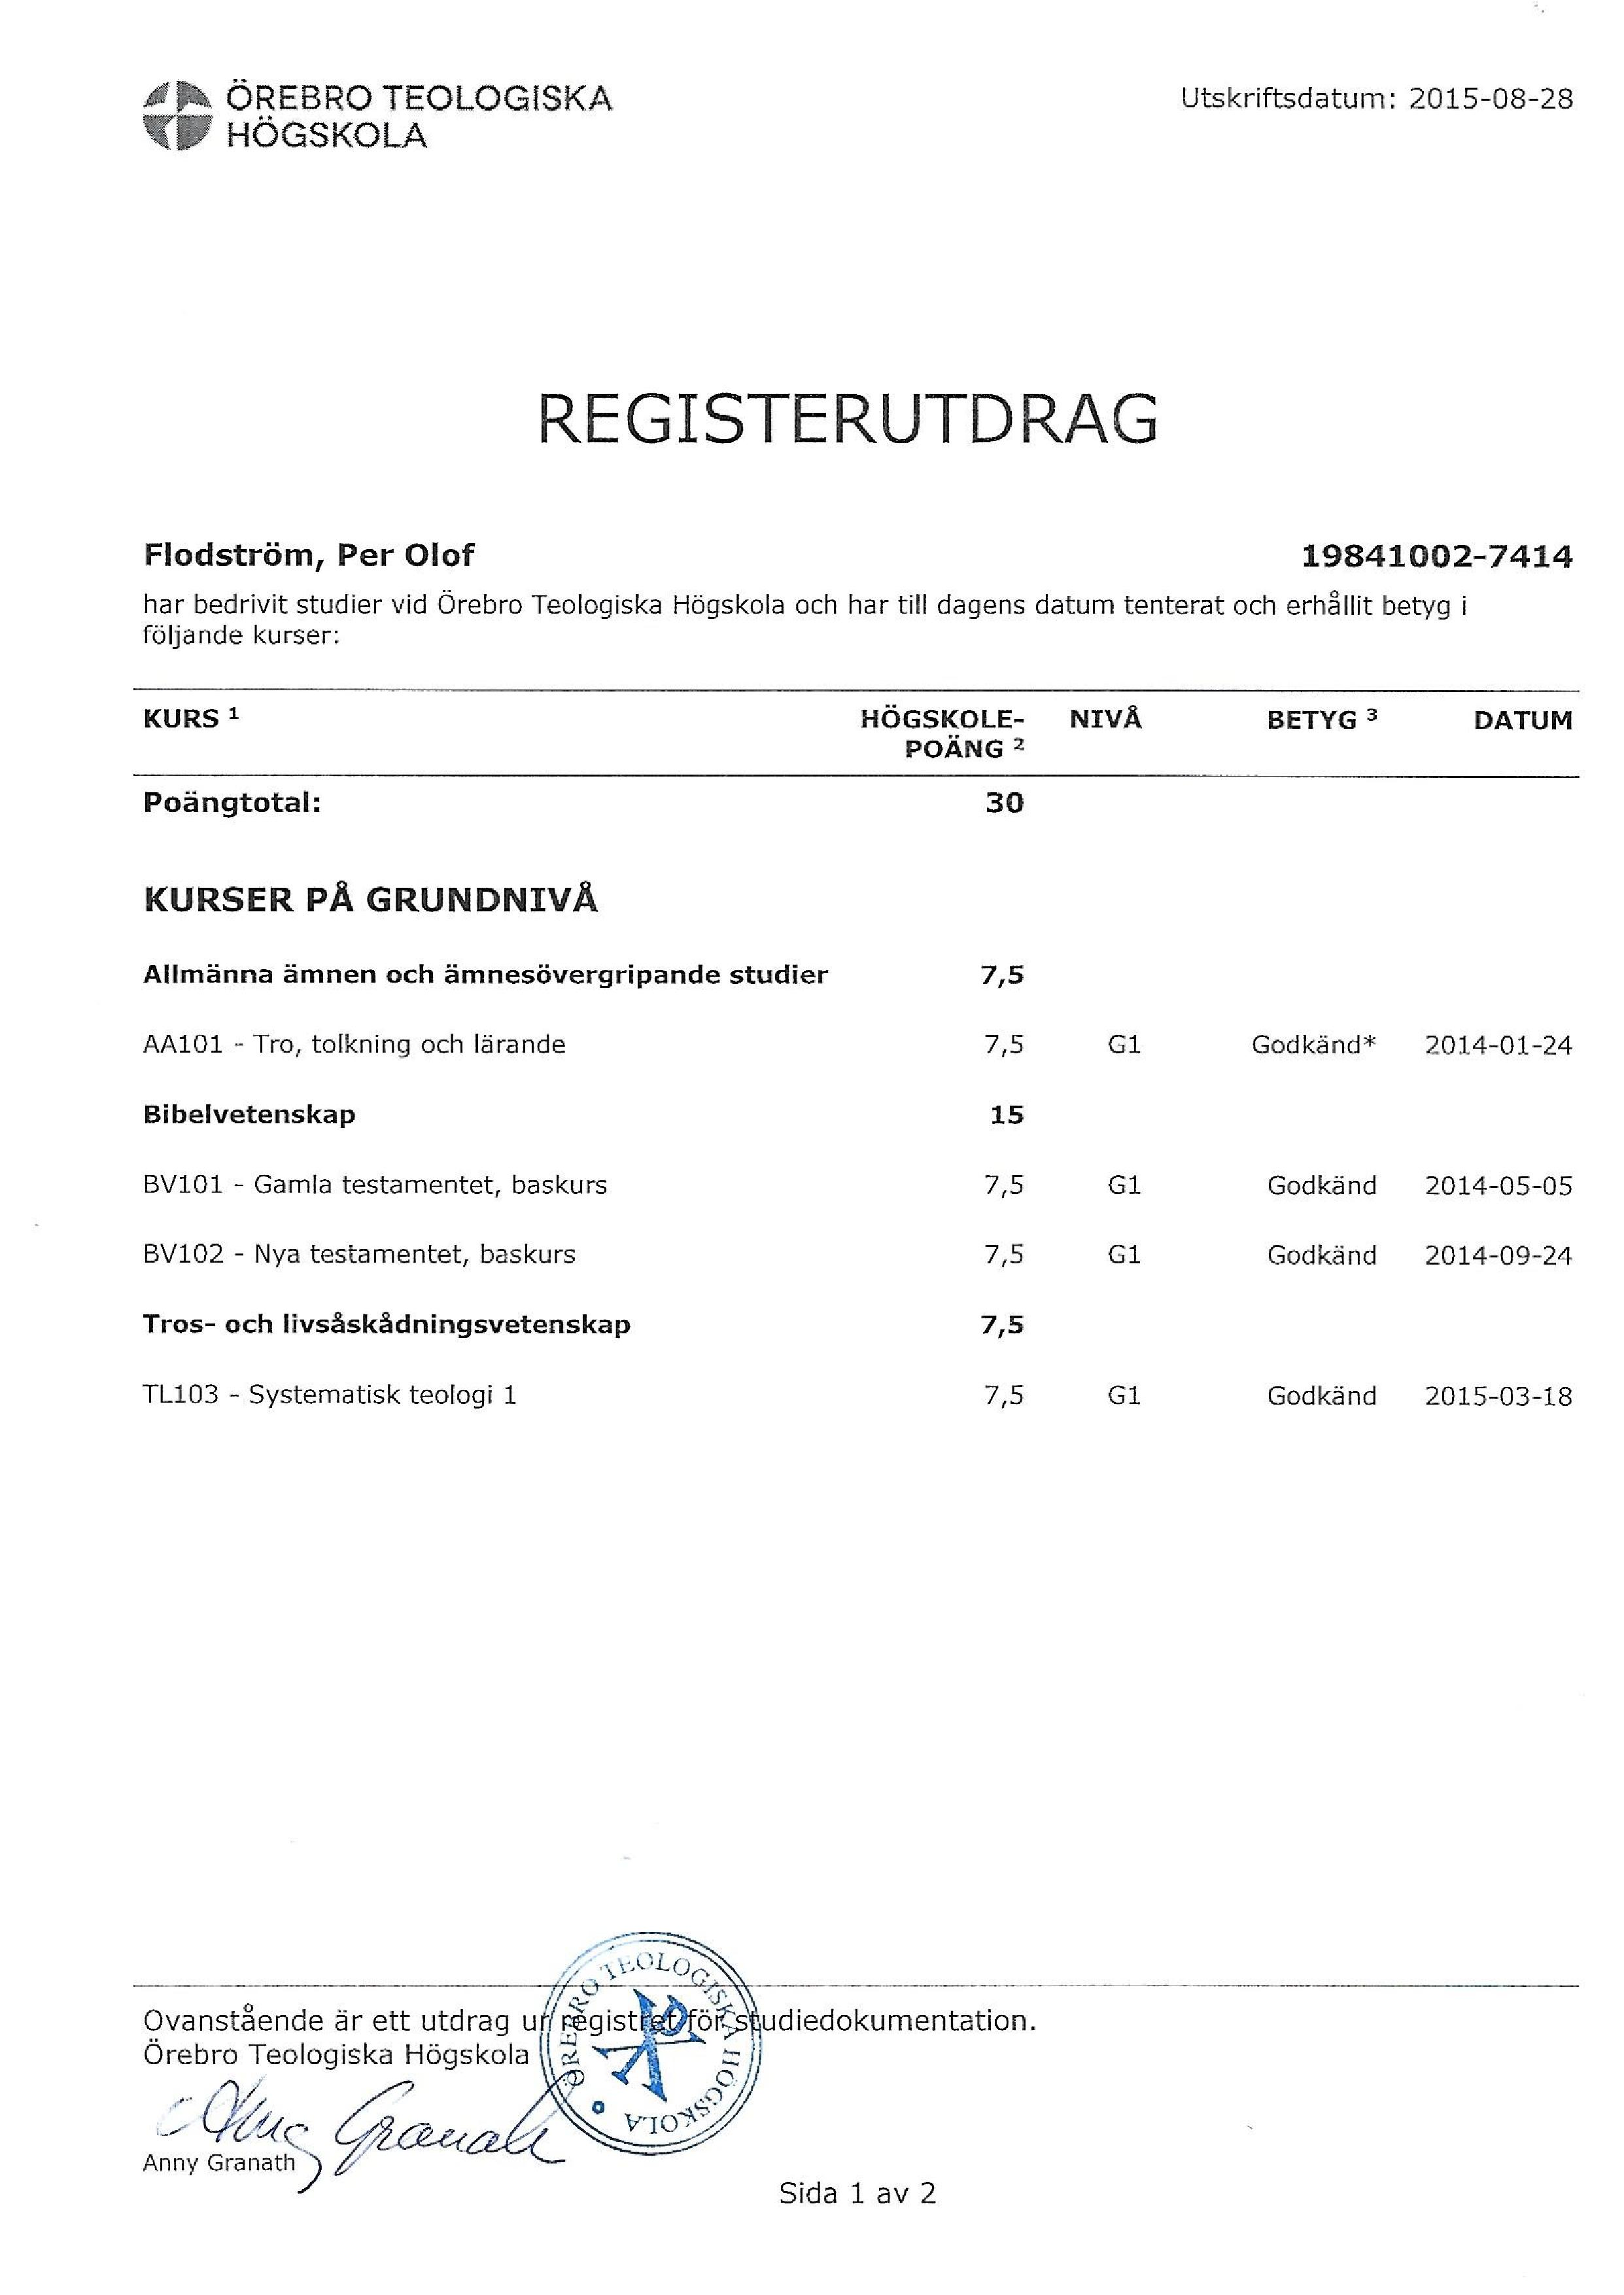 betyg-certifikat-och-komplett-meritlista-for-p-o-flodstrom-2016-page-003